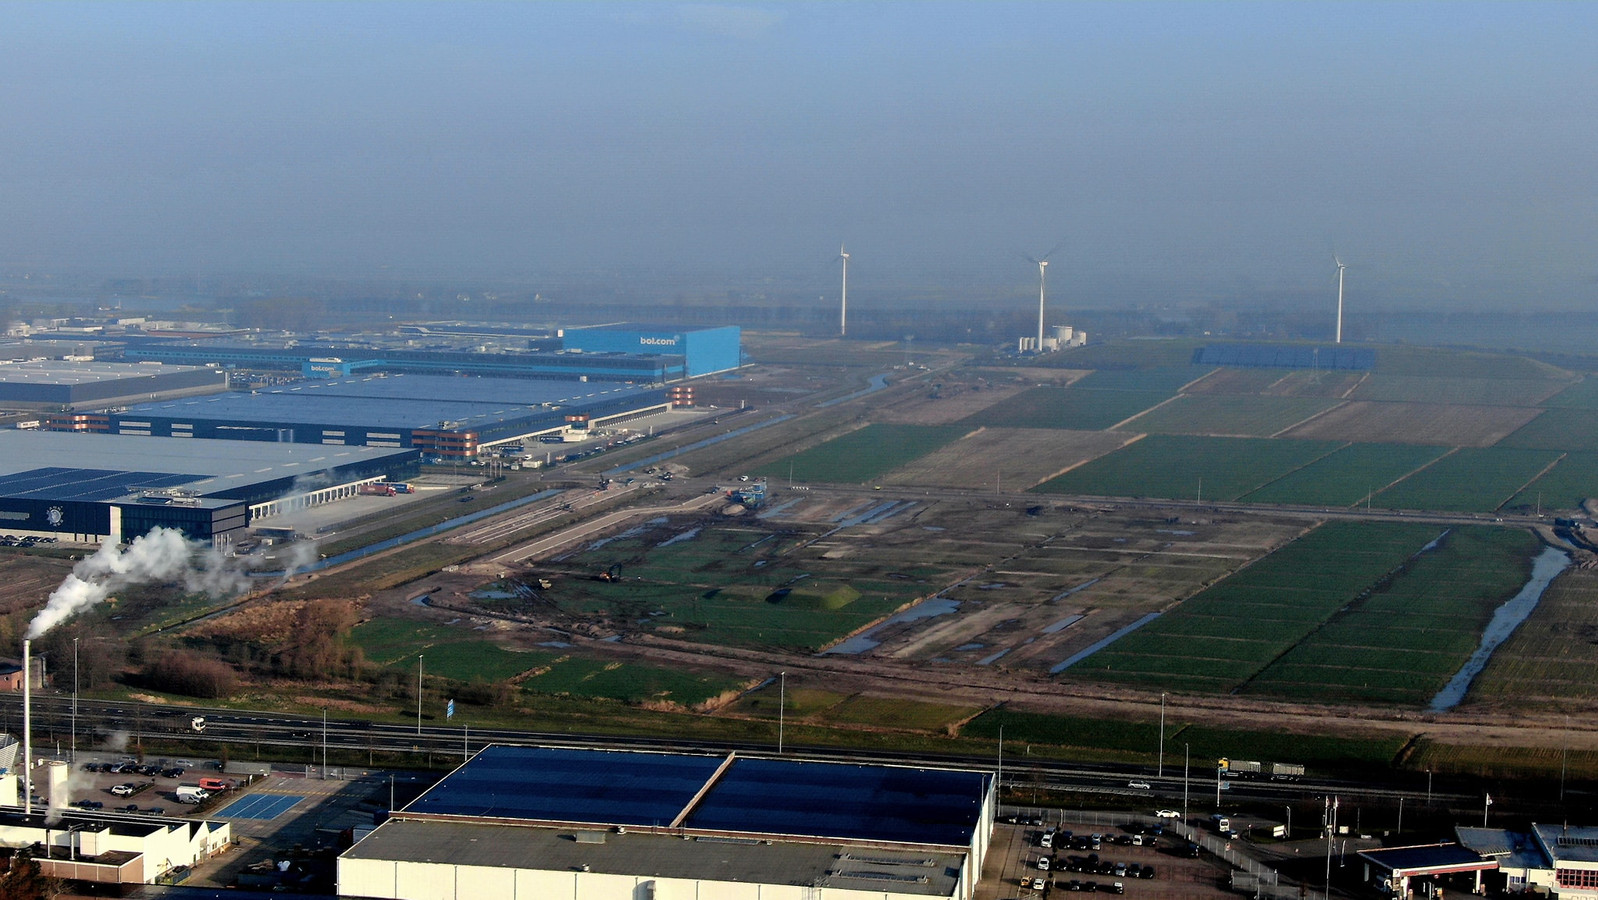 Bedrijventerrein Haven in Waalwijk wordt steeds verder uitgebreid. Dat betekent ook veel extra banen.